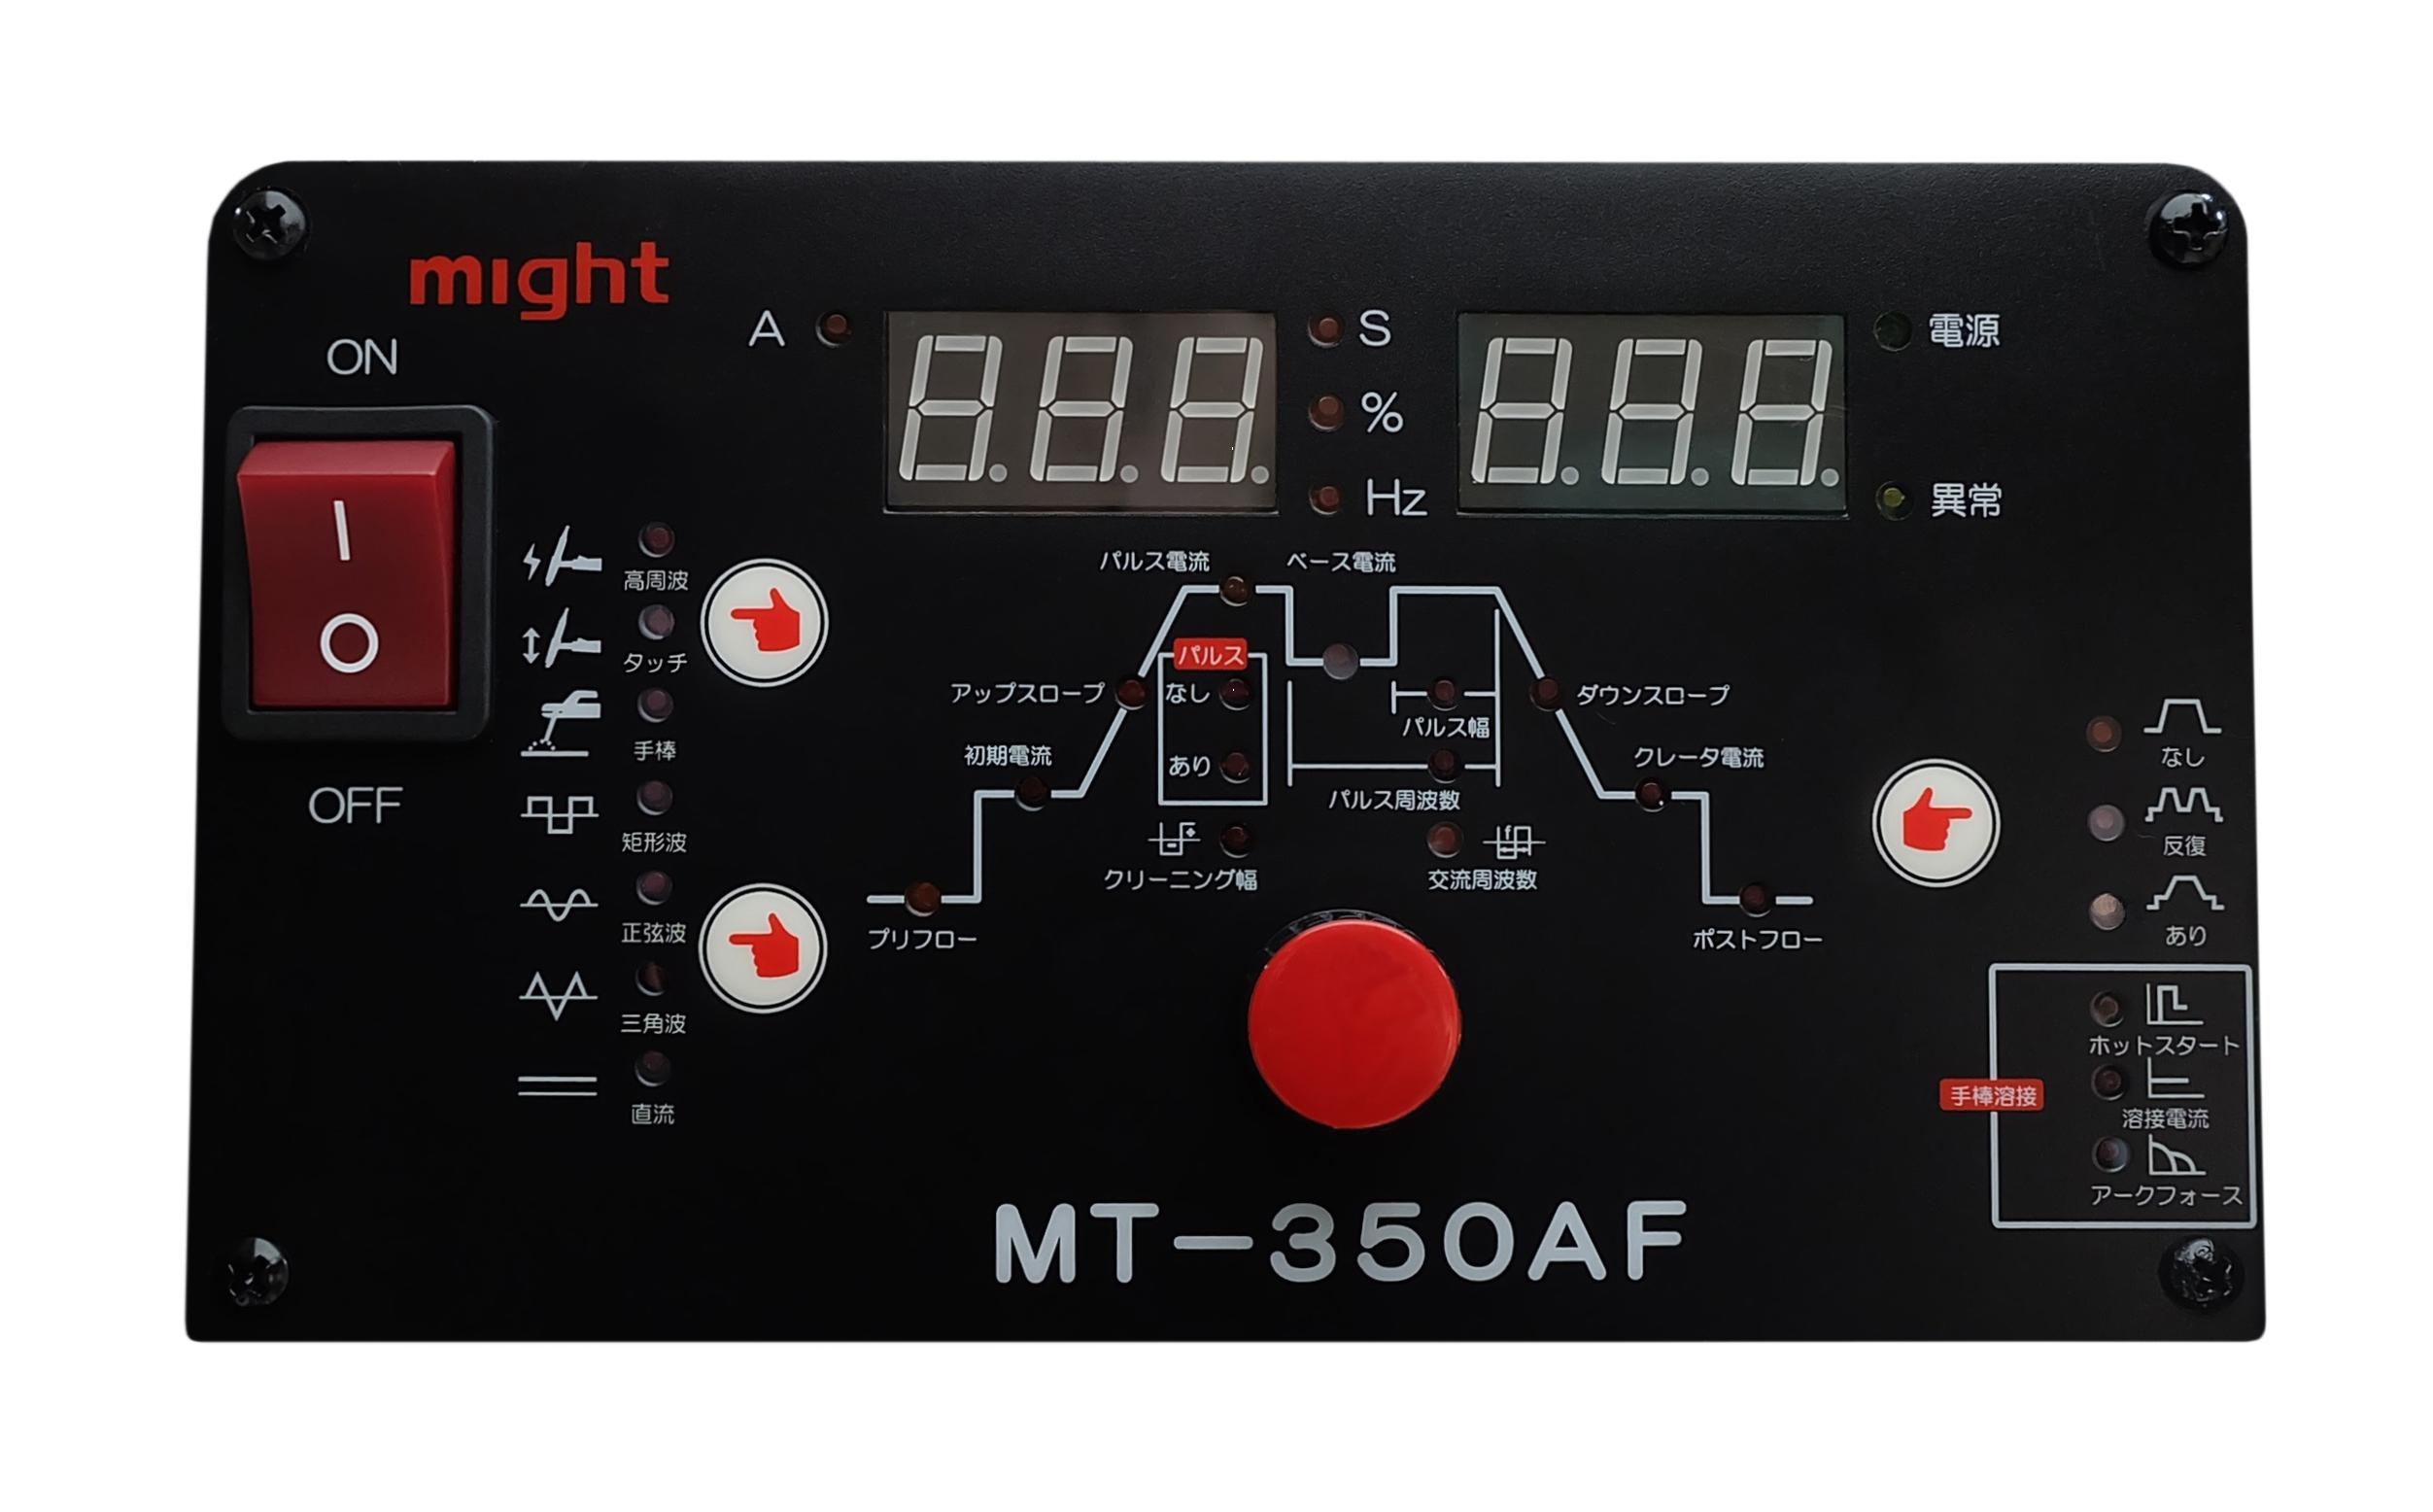 MT-350AF